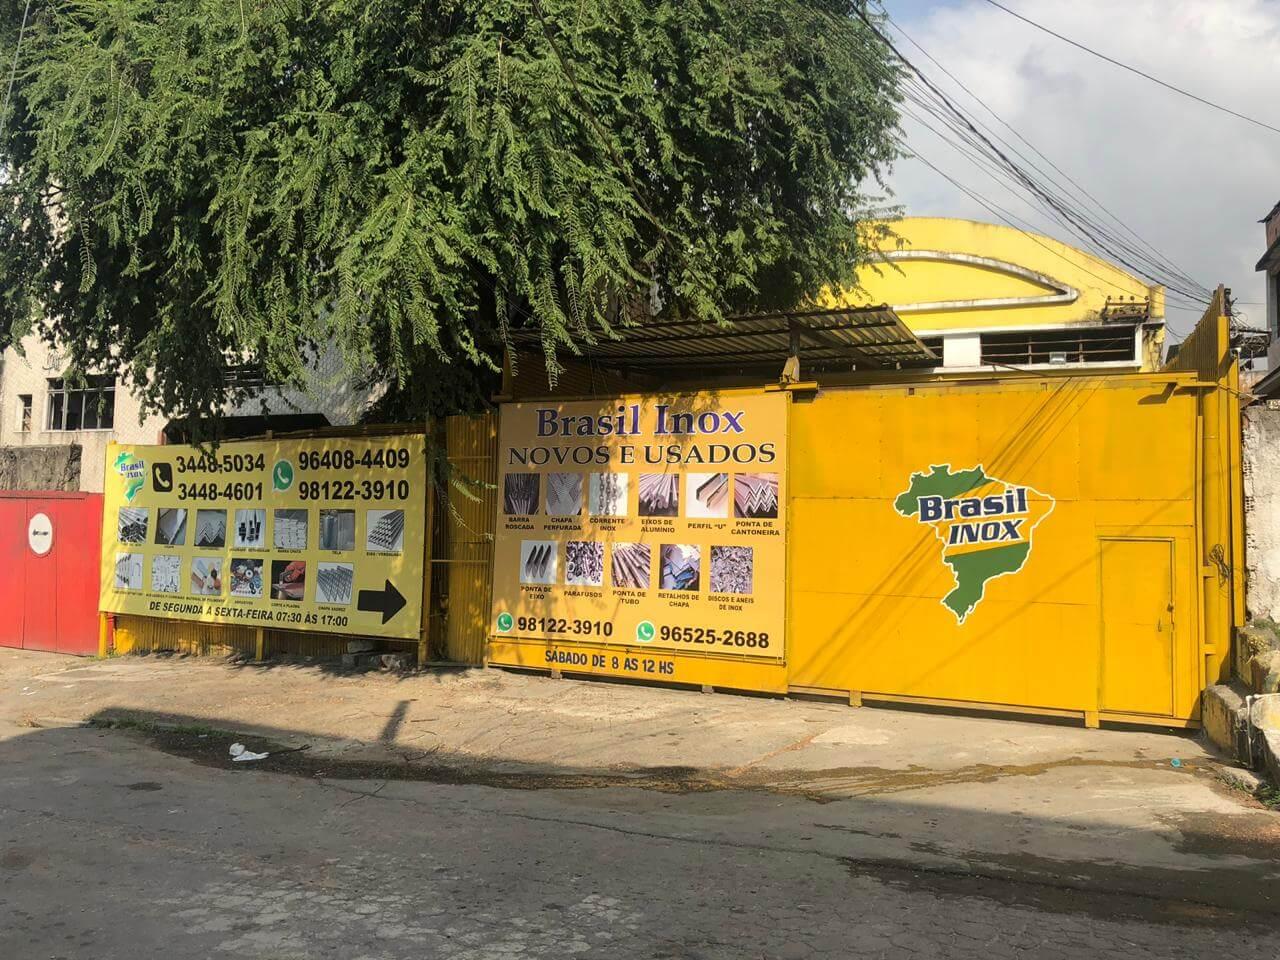 Empresa de venda de aço inox - Rio de Janeiro